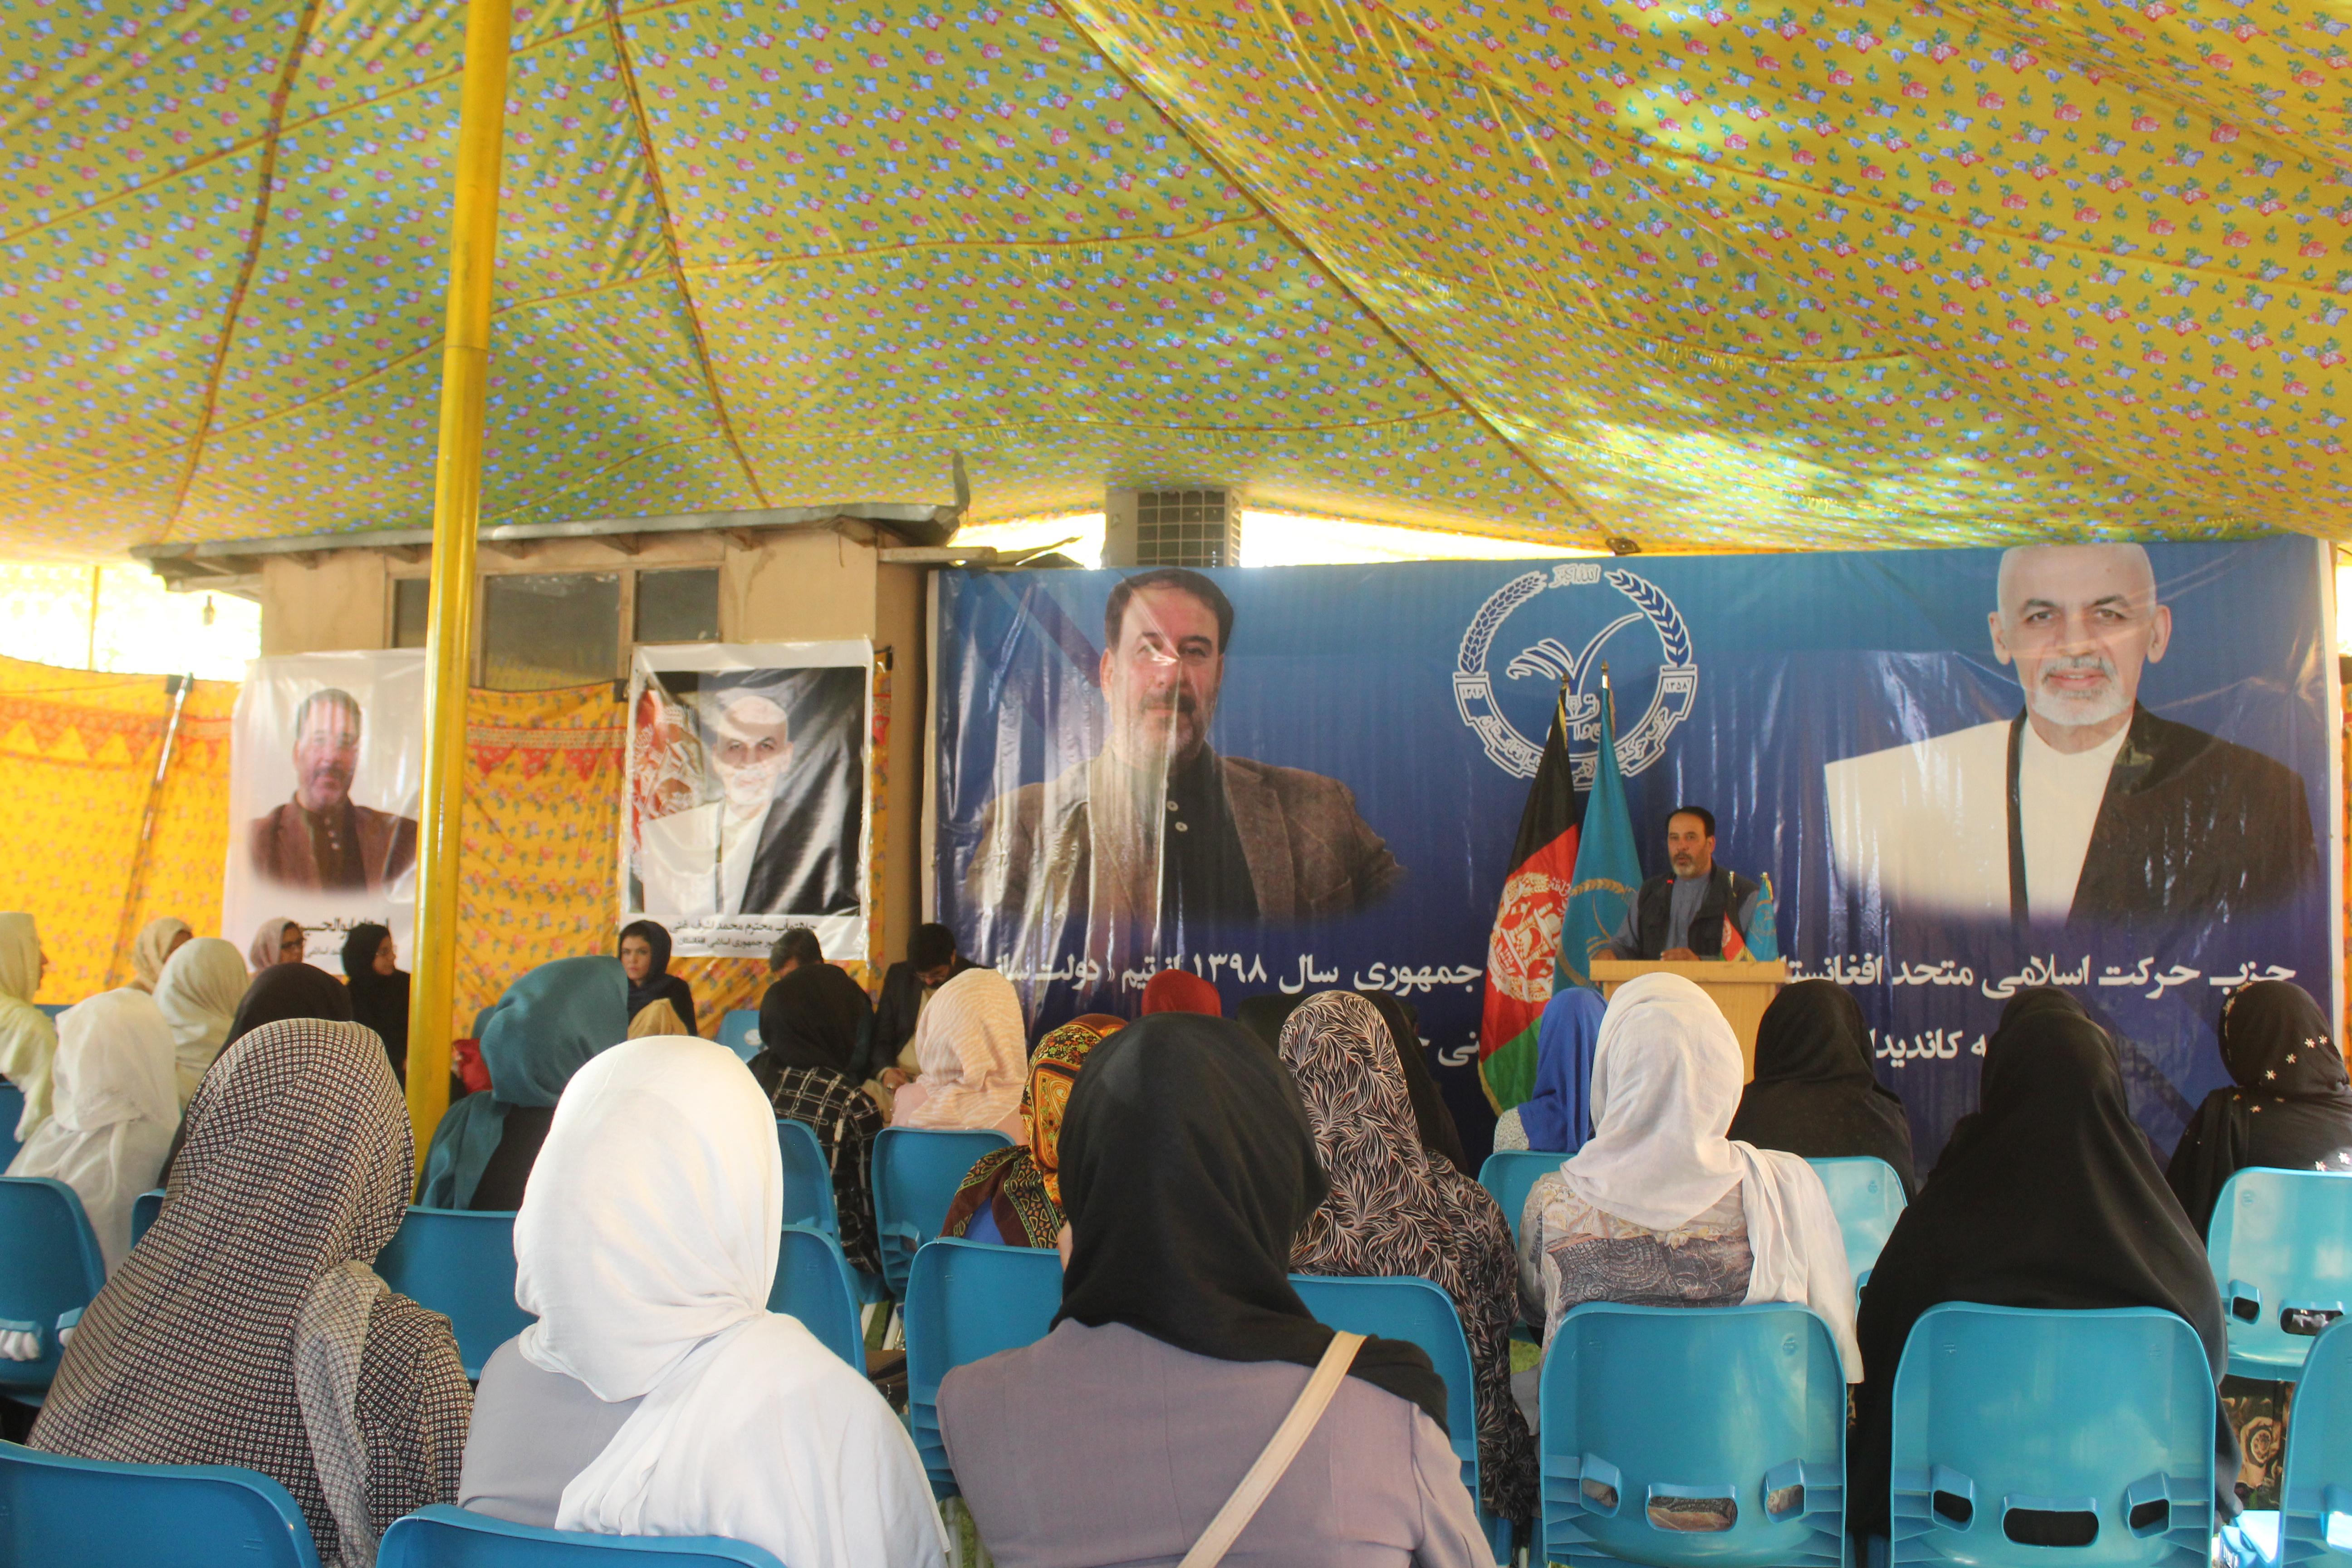 تصویر از فعالان زنان حزب حرکت اسلامی متحد افغانستان از موضع جدید این حزب در قبال انتخابات اعلام حمایت نمودند.